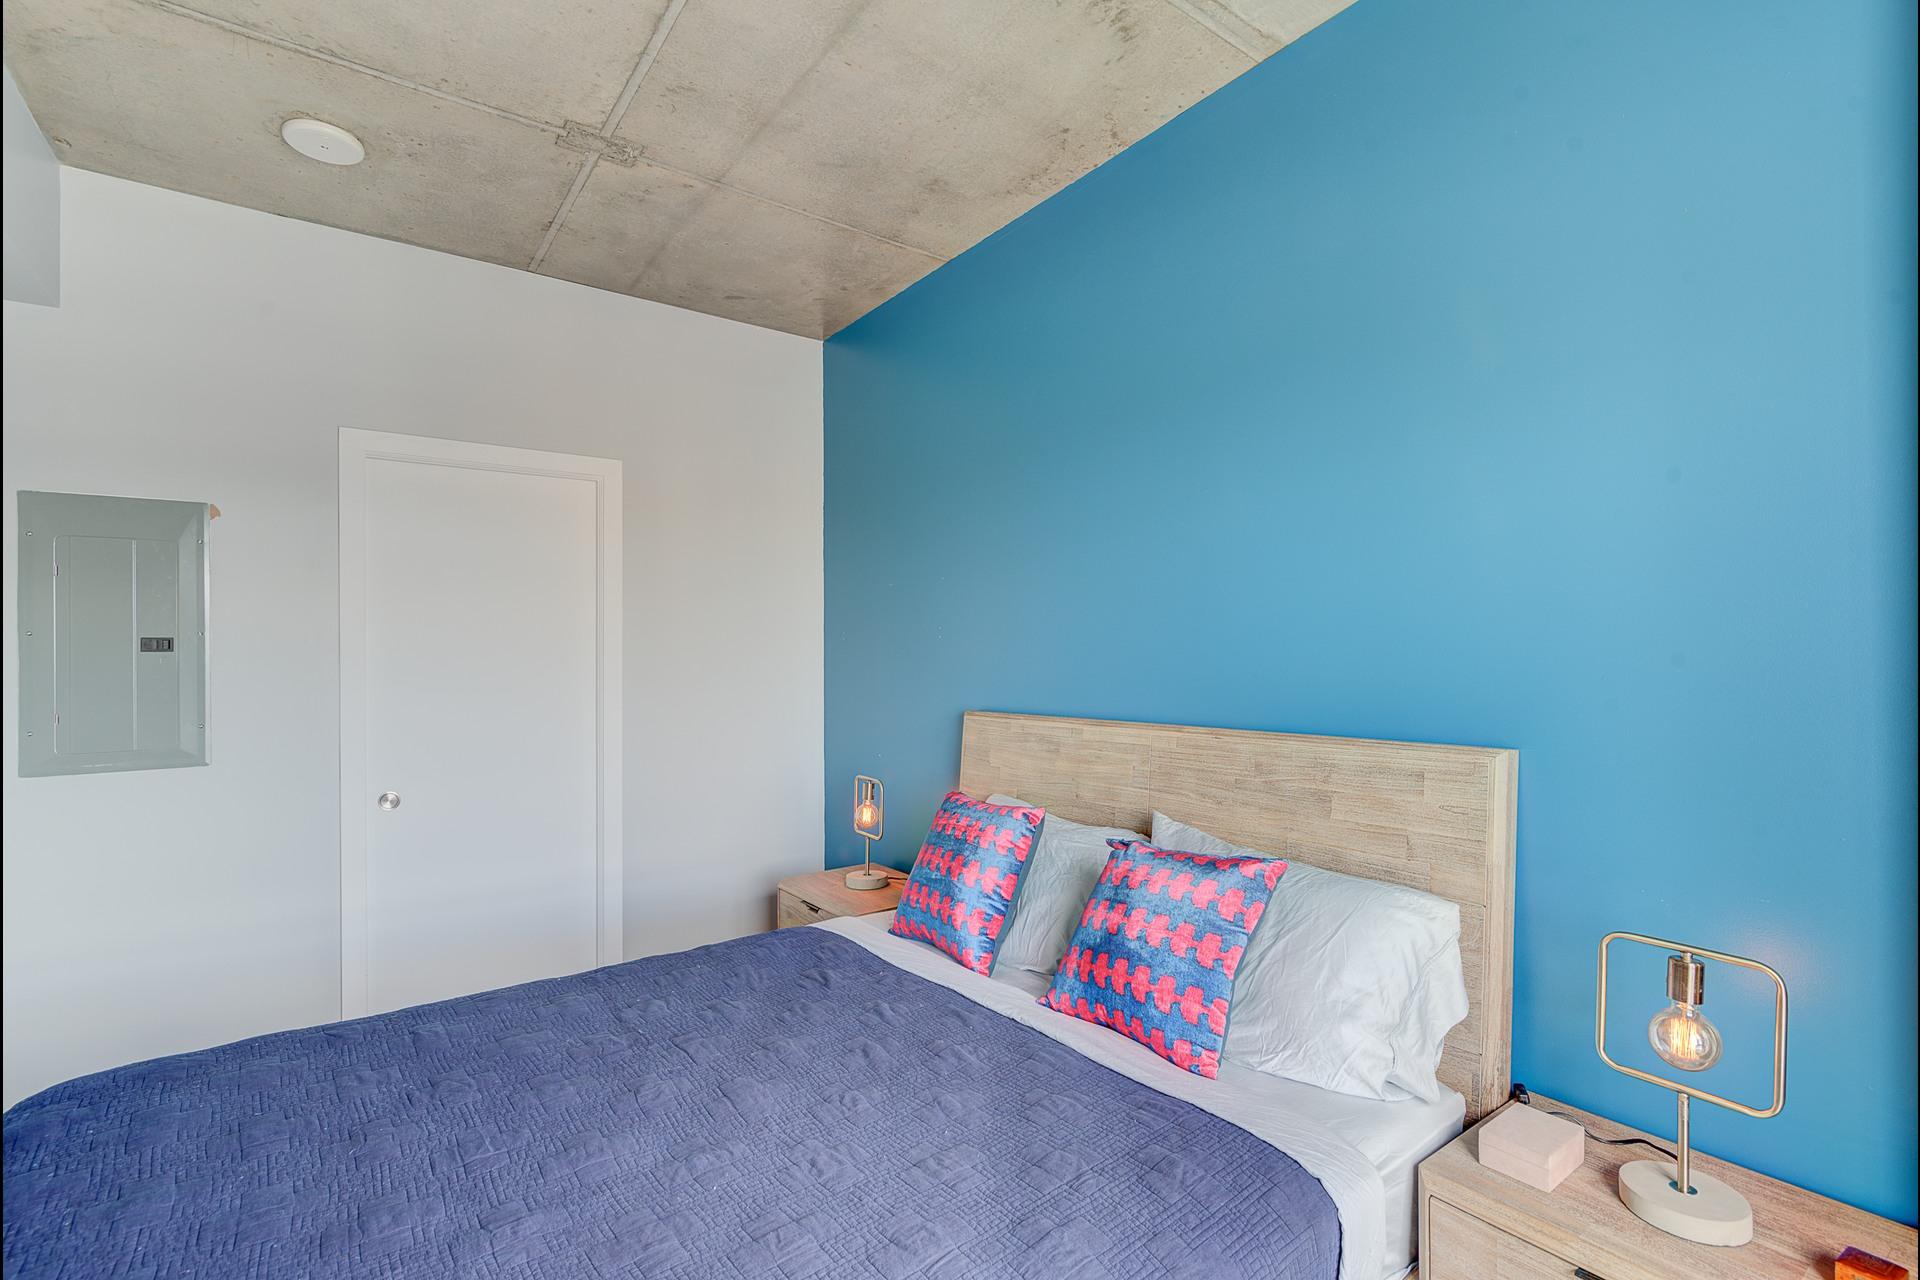 image 13 - MX - Condominio vertical - MX Para alquiler Montréal - 3 habitaciones